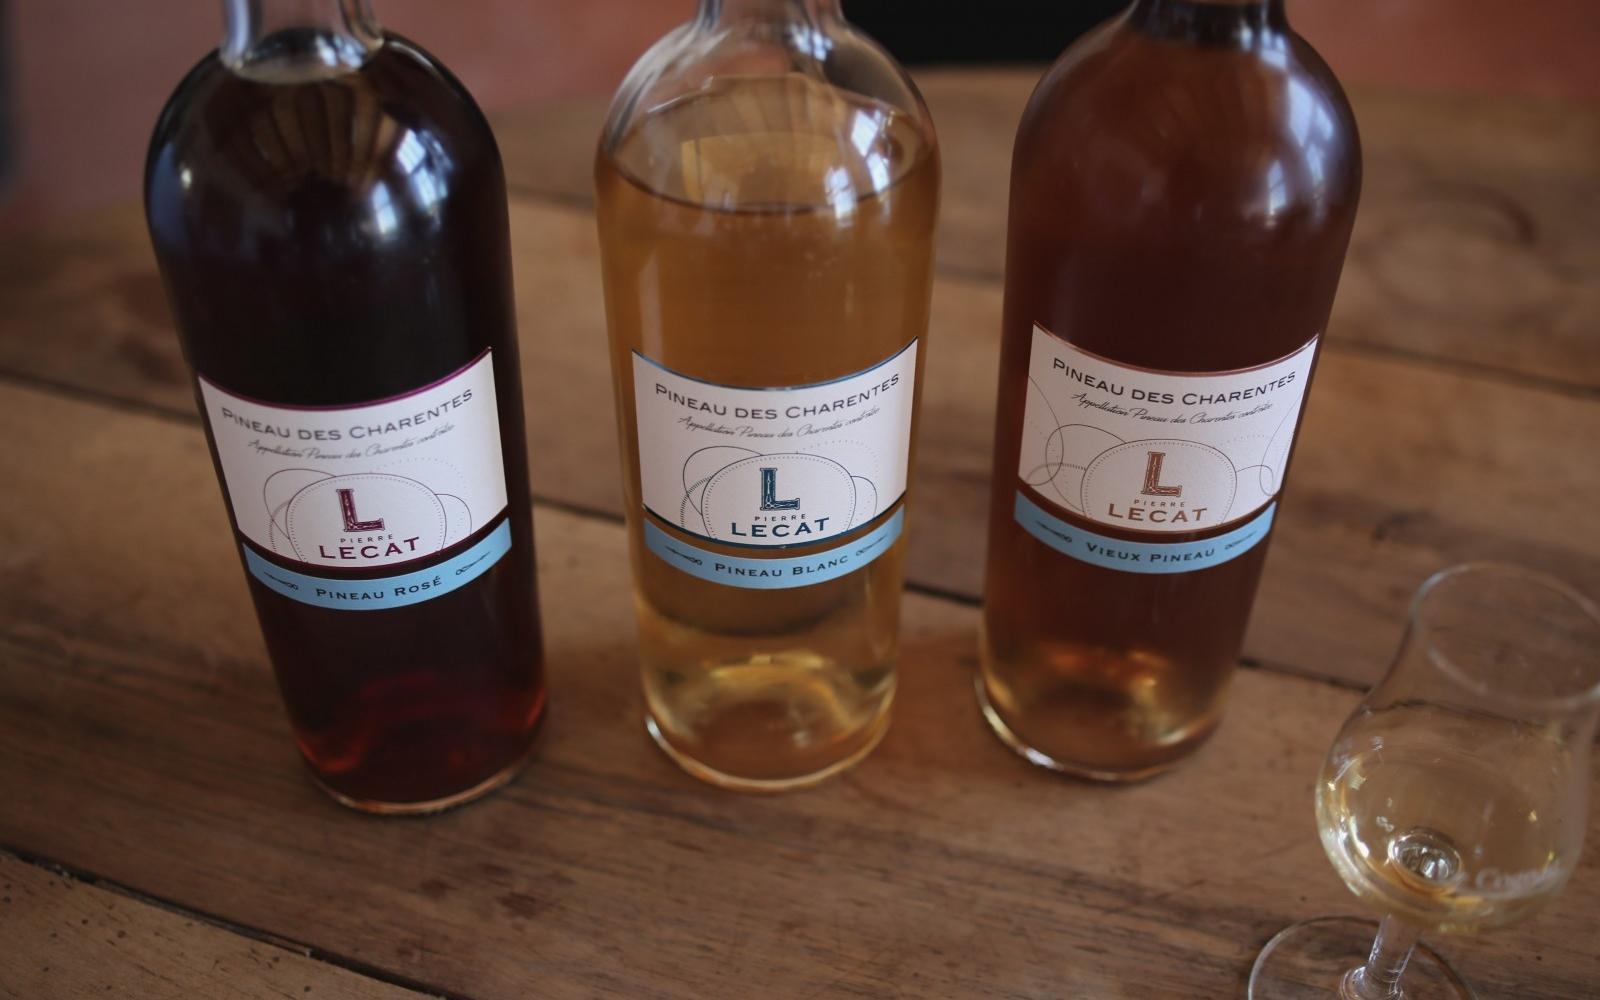 Pineau des Charentes from Lecat